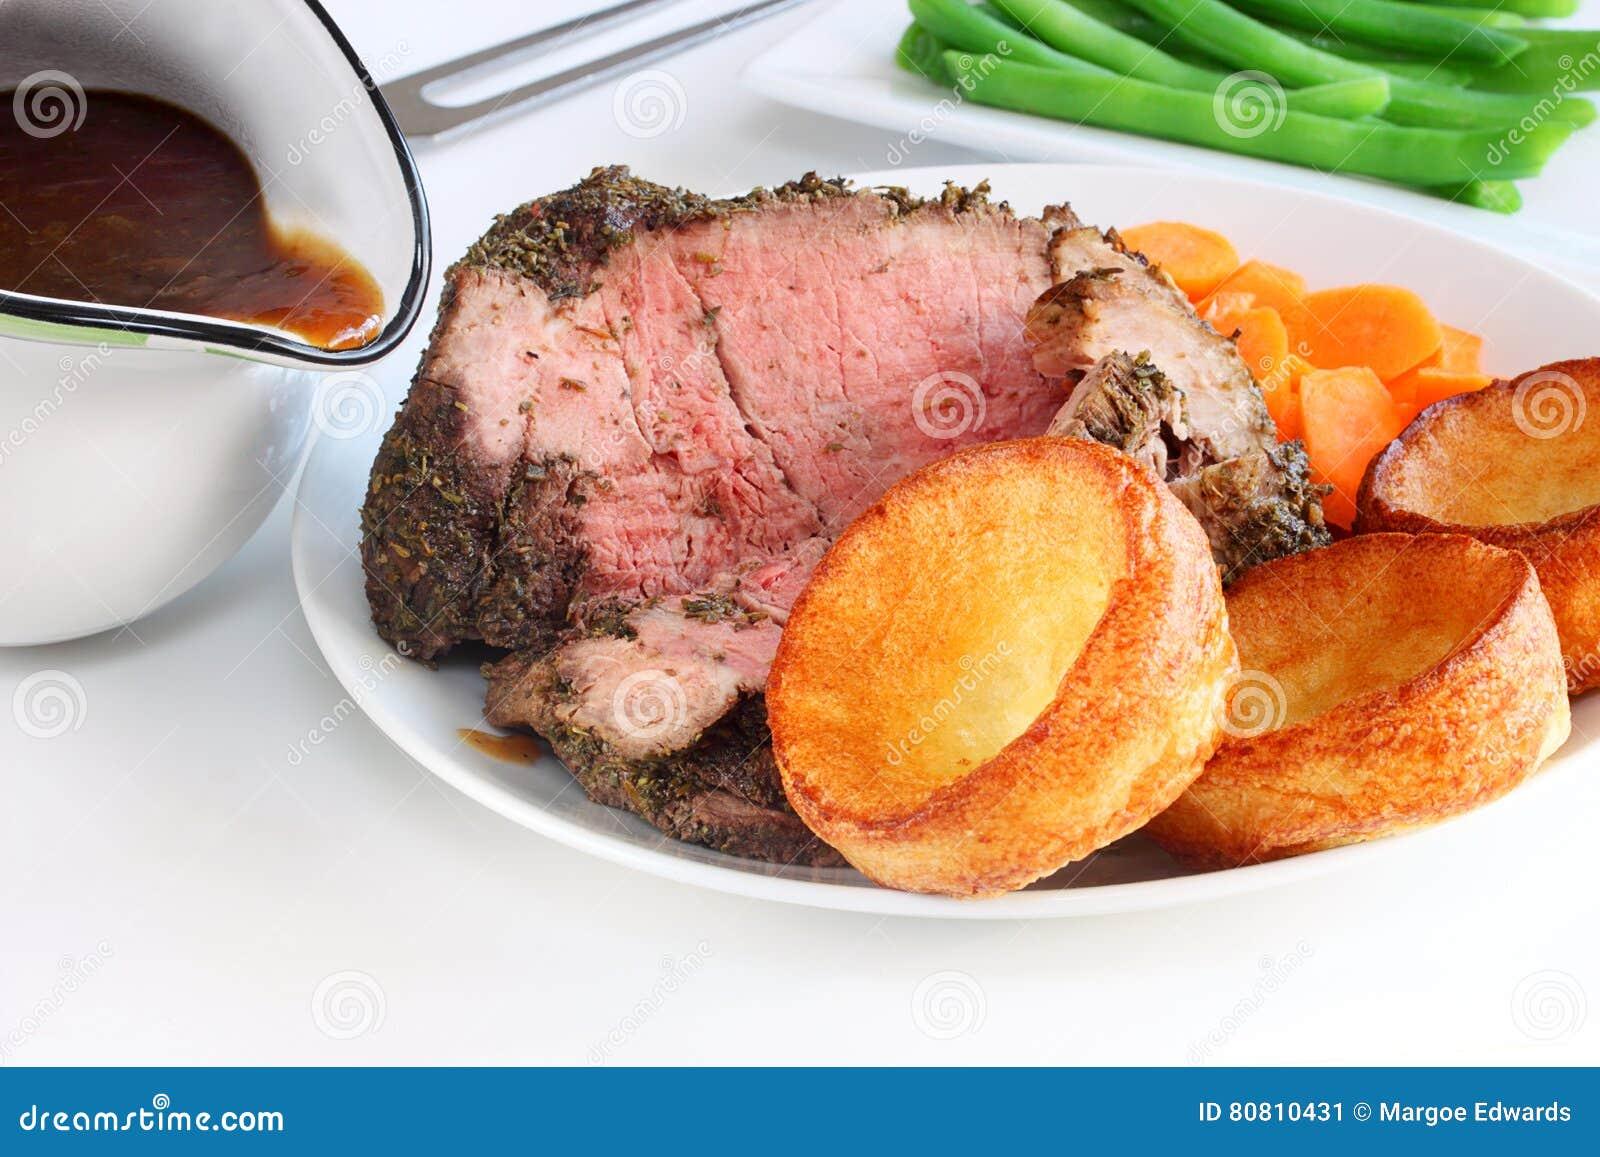 Seltenes Roastbeef Und Mini-Yorkshire-Puddings Stockbild - Bild von ...